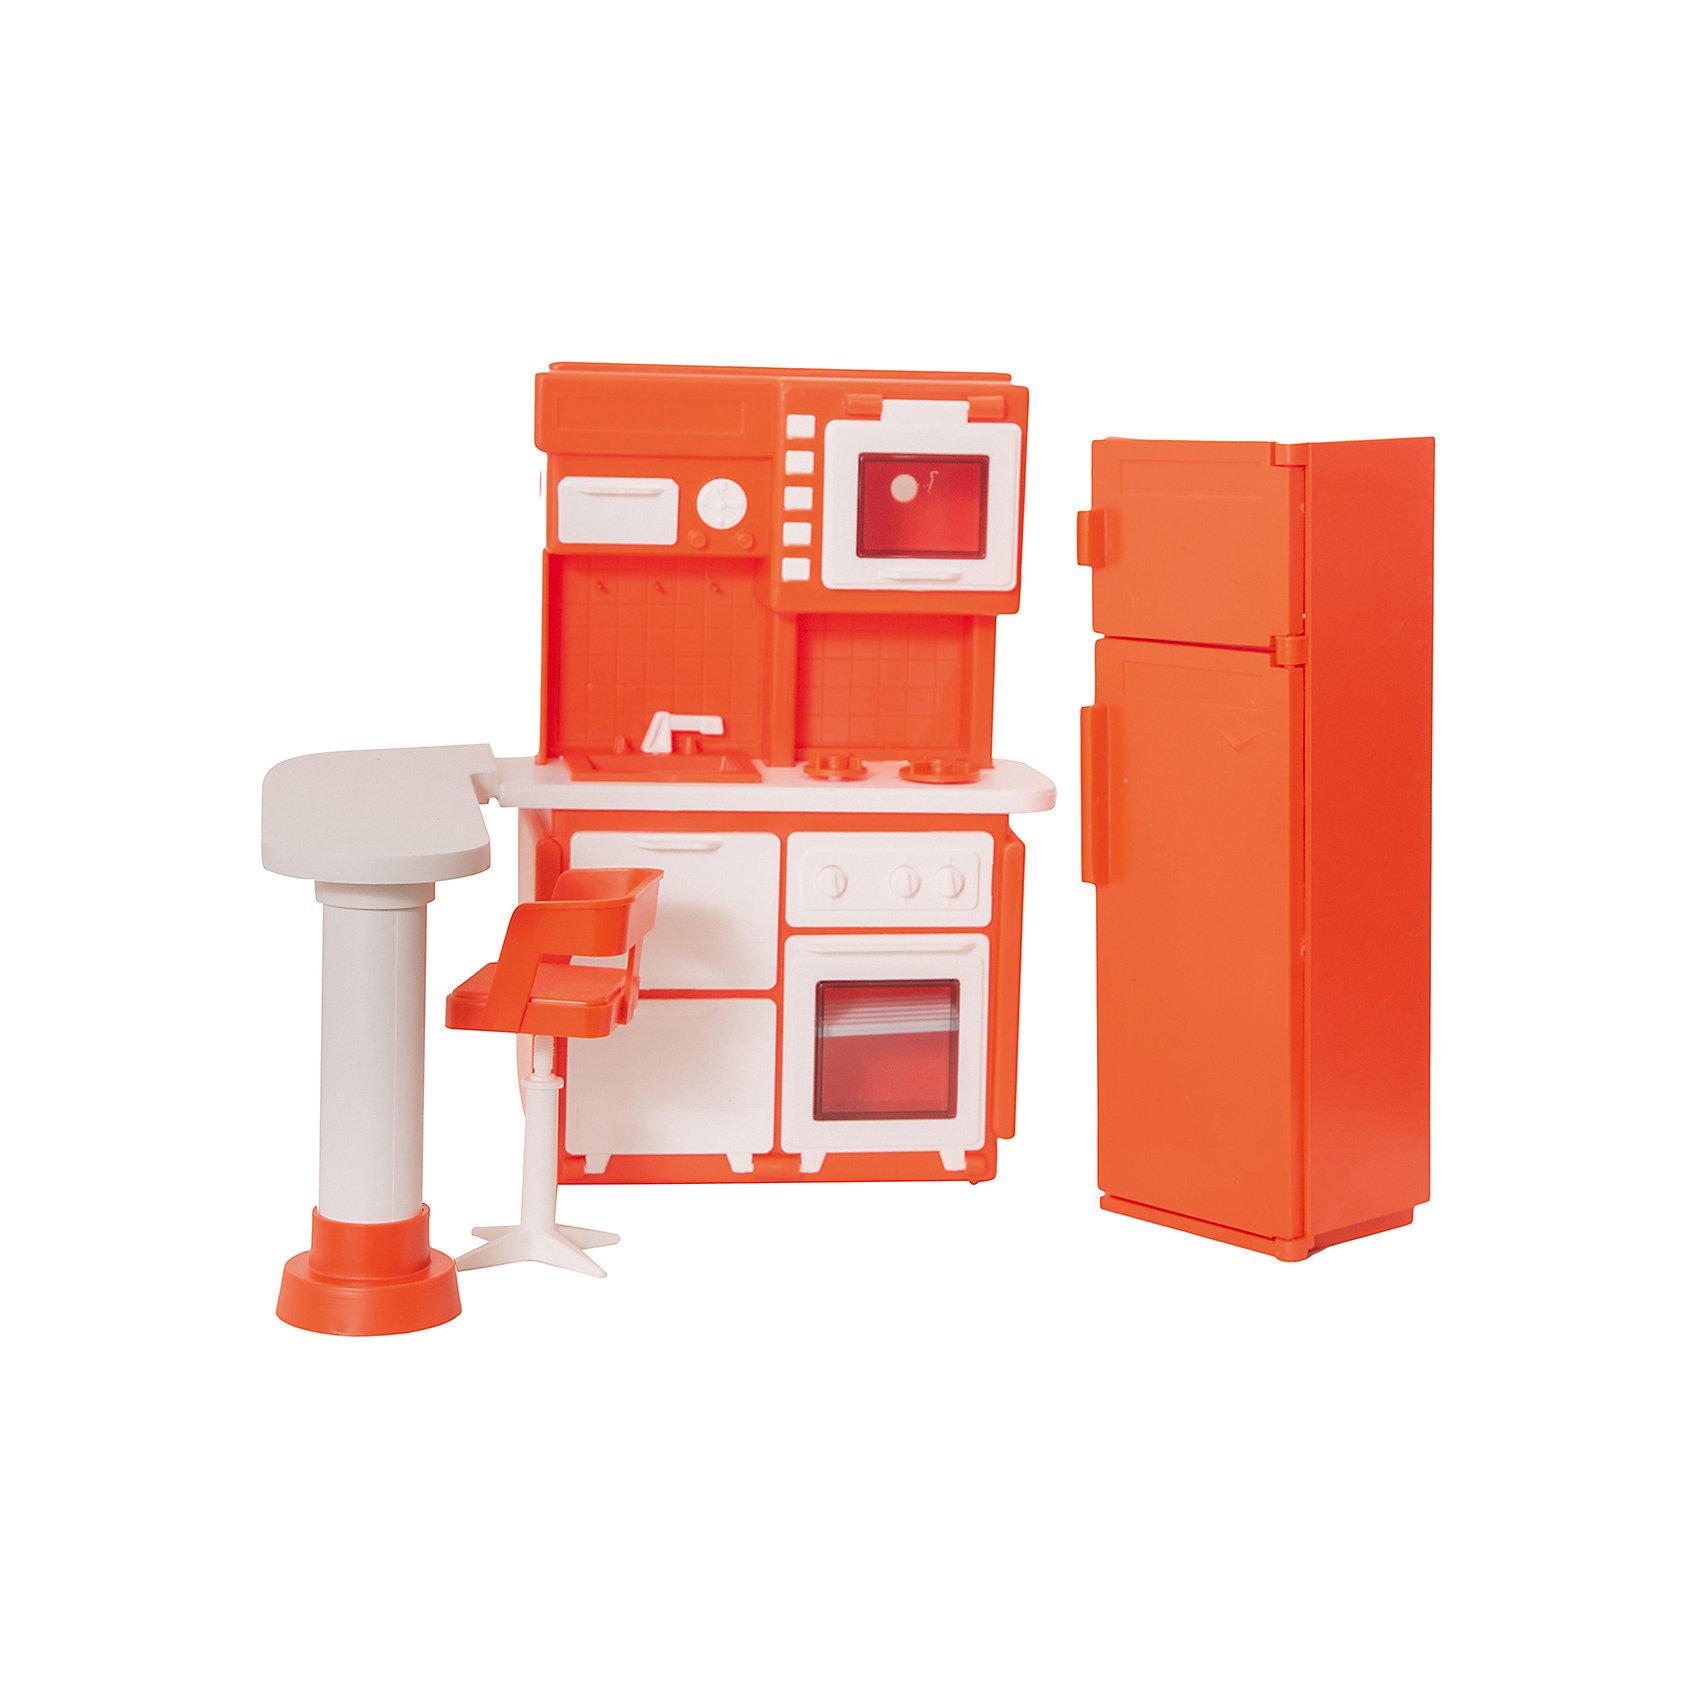 Кухня  Конфетти, ОгонекЯркий набор кухонной мебели понравится и девчонкам, и их куклам! Набор состоит из стильного шкафа с необходимой техникой, раковины, барной стойки и холодильника. Юная хозяйка порадуется маленькой посудке и миниатюрным игрушкам-продуктам, делающим игру еще интереснее и реалистичнее. Все детали набора имеют прочные надежные крепления, выполнены из высококачественного экологичного пластика, в производстве которого использованы только нетоксичные красители безопасные для детей. <br><br>Дополнительная информация:<br><br>- Материал: пластик.<br>- Размер упаковки: 31х31х9 см.<br>- Комплектация: плита с раковиной в сборе - 1 шт., холодильник - 1 шт.,  стол - 1 шт., подставка стола в сборе - 1 шт., стойка стула в сборе - 1 шт., сиденье стула - 1 шт.,<br>полукорпус миксера левый - 1 шт., полукорпус миксера правый - 1 шт., чашка для миксера - 1 шт.,  насадка для миксера - 1 шт., подставка для яиц - 1 шт., сковородка - 1 шт., корпус чайника - 1 шт., дно чайника - 1 шт.,  ручка чайника - 1 шт.,  судок - 1 шт., кастрюля - 1 шт., чашка - 2 шт., блюдце - 2 шт, крышка - 2 шт., пакет - 2 шт., бутылка - 2 шт., пробка бутылки - 2 шт.<br><br>Набор Кухня. Конфетти, Огонек можно купить в нашем магазине.<br><br>Ширина мм: 310<br>Глубина мм: 90<br>Высота мм: 310<br>Вес г: 400<br>Возраст от месяцев: 36<br>Возраст до месяцев: 144<br>Пол: Женский<br>Возраст: Детский<br>SKU: 4575891